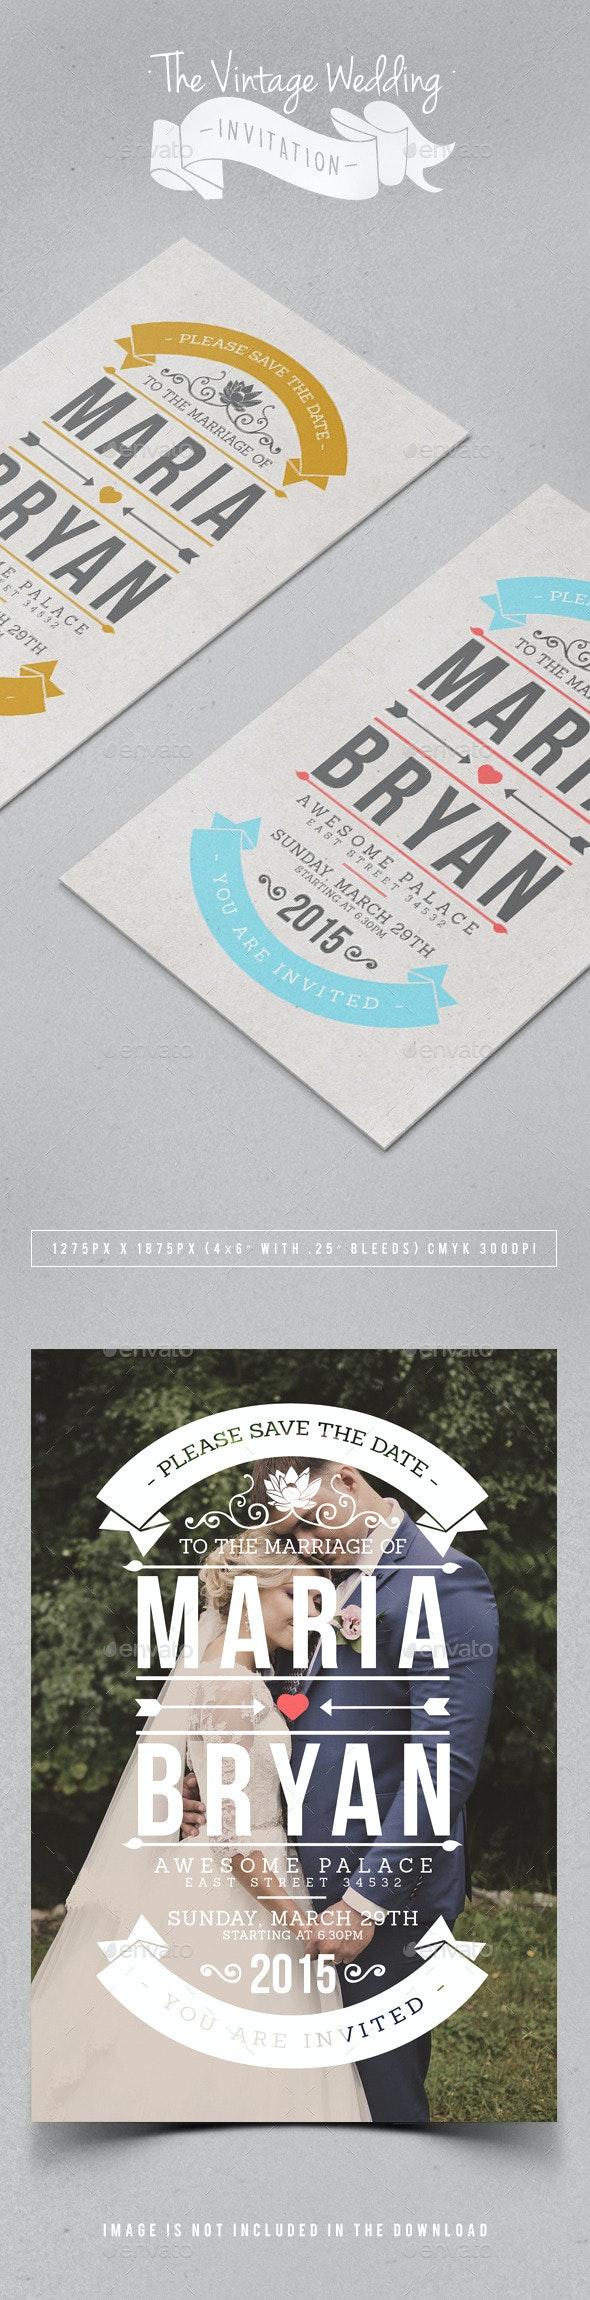 The Vintage Wedding Invitation - Weddings Cards & Invites